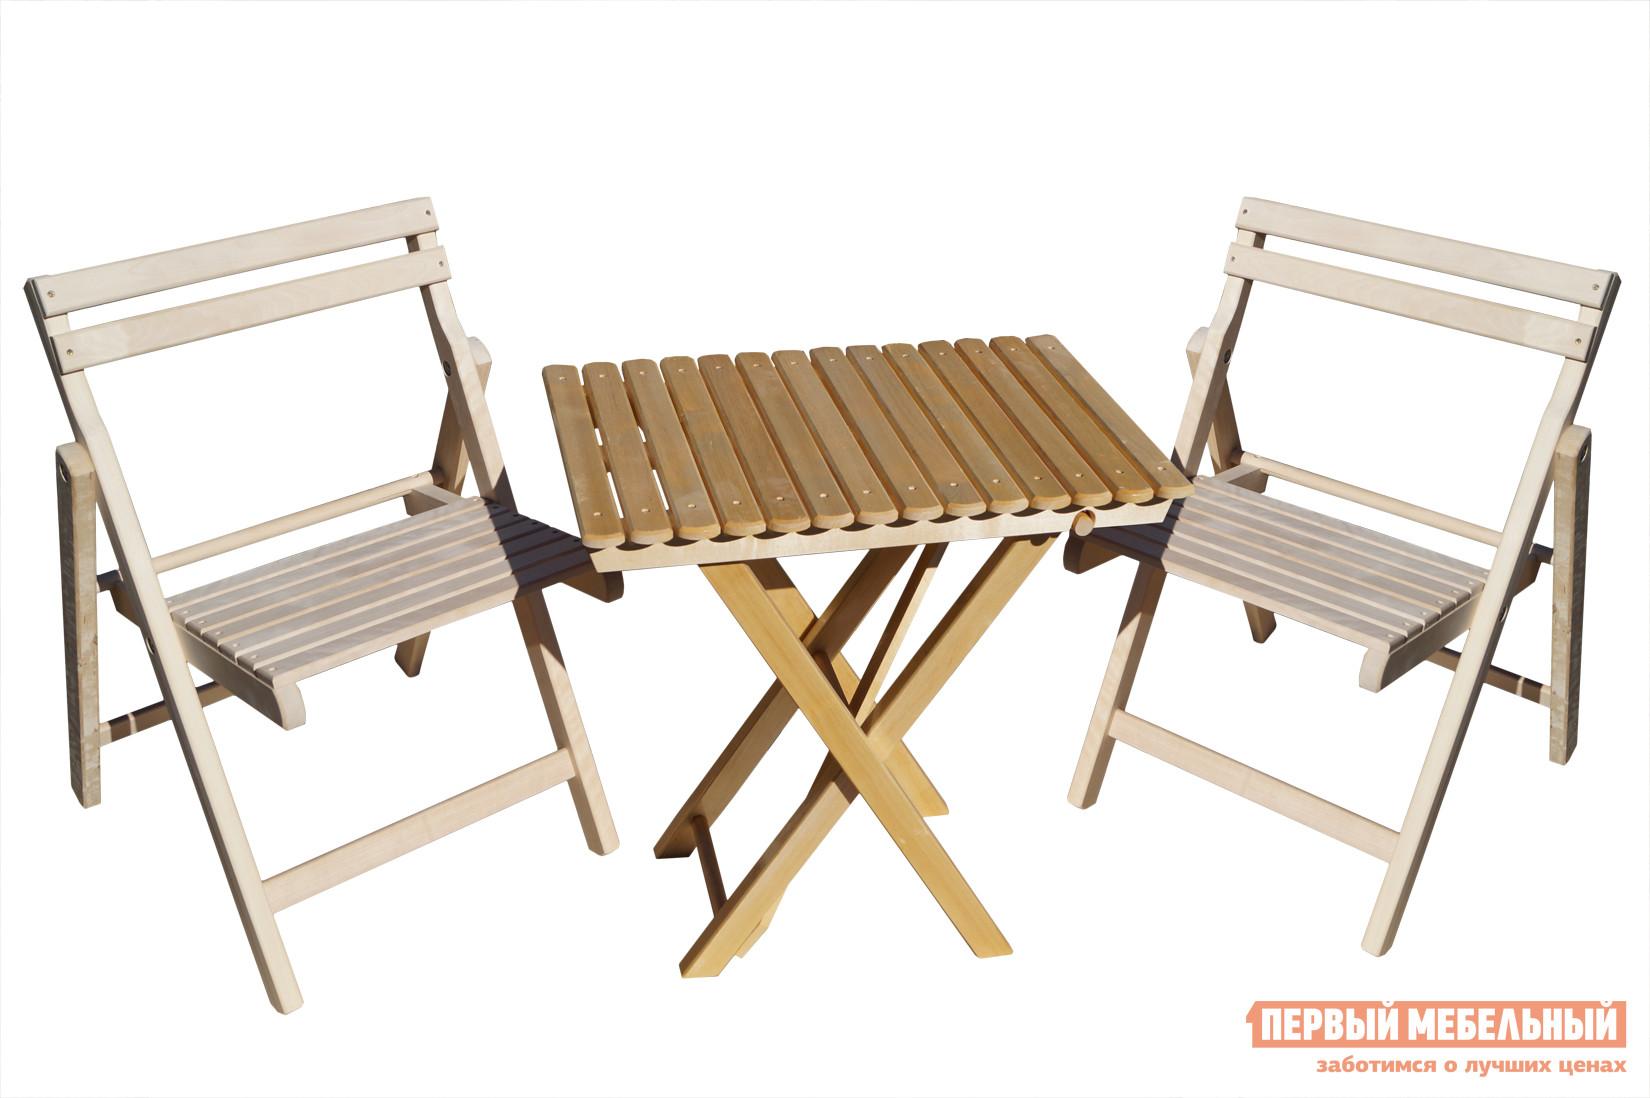 Садовая мебель СМКА СМ008Б + СМ046Б Береза от Купистол